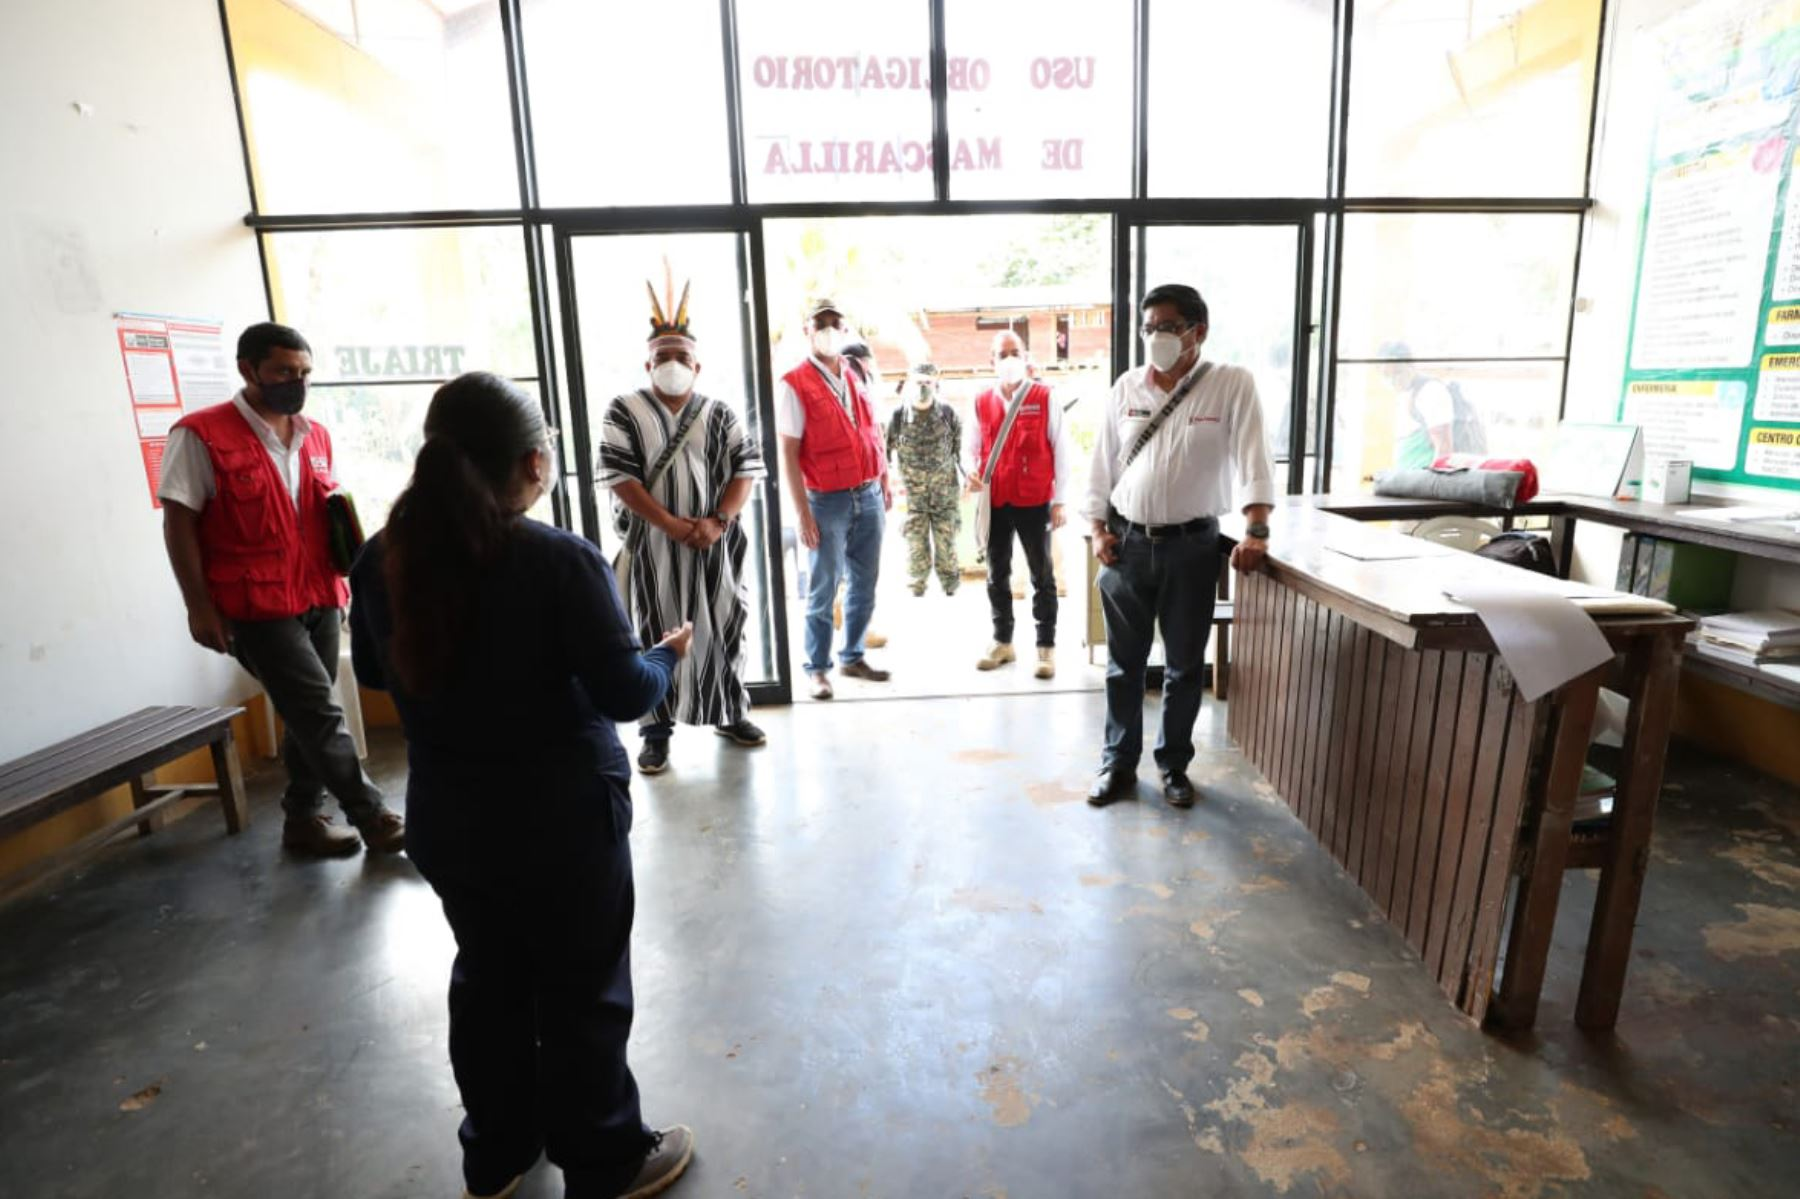 El titular de la PCM, Vicente Zeballos, hizo entrega de dos concentradores de oxígeno al Centro de Salud de Poyeni, así como alimentos al jefe de la Comunidad, Antonio Ricardo Simón. Son más de 1500 ciudadanos de Poyeni beneficiados con esta jornada cívica.  Foto:ANDINA/PCM.